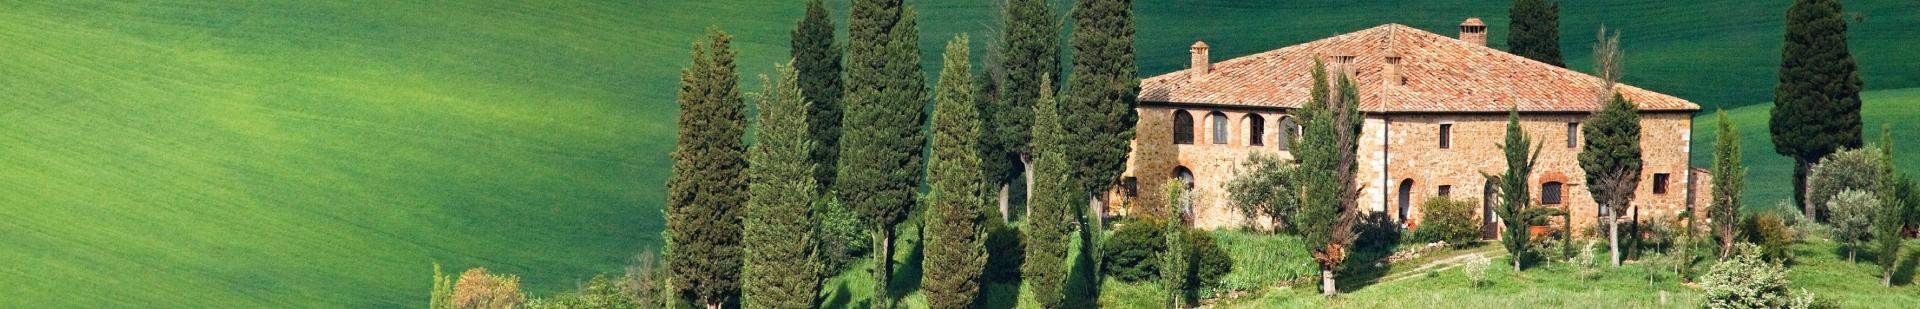 意大利中部